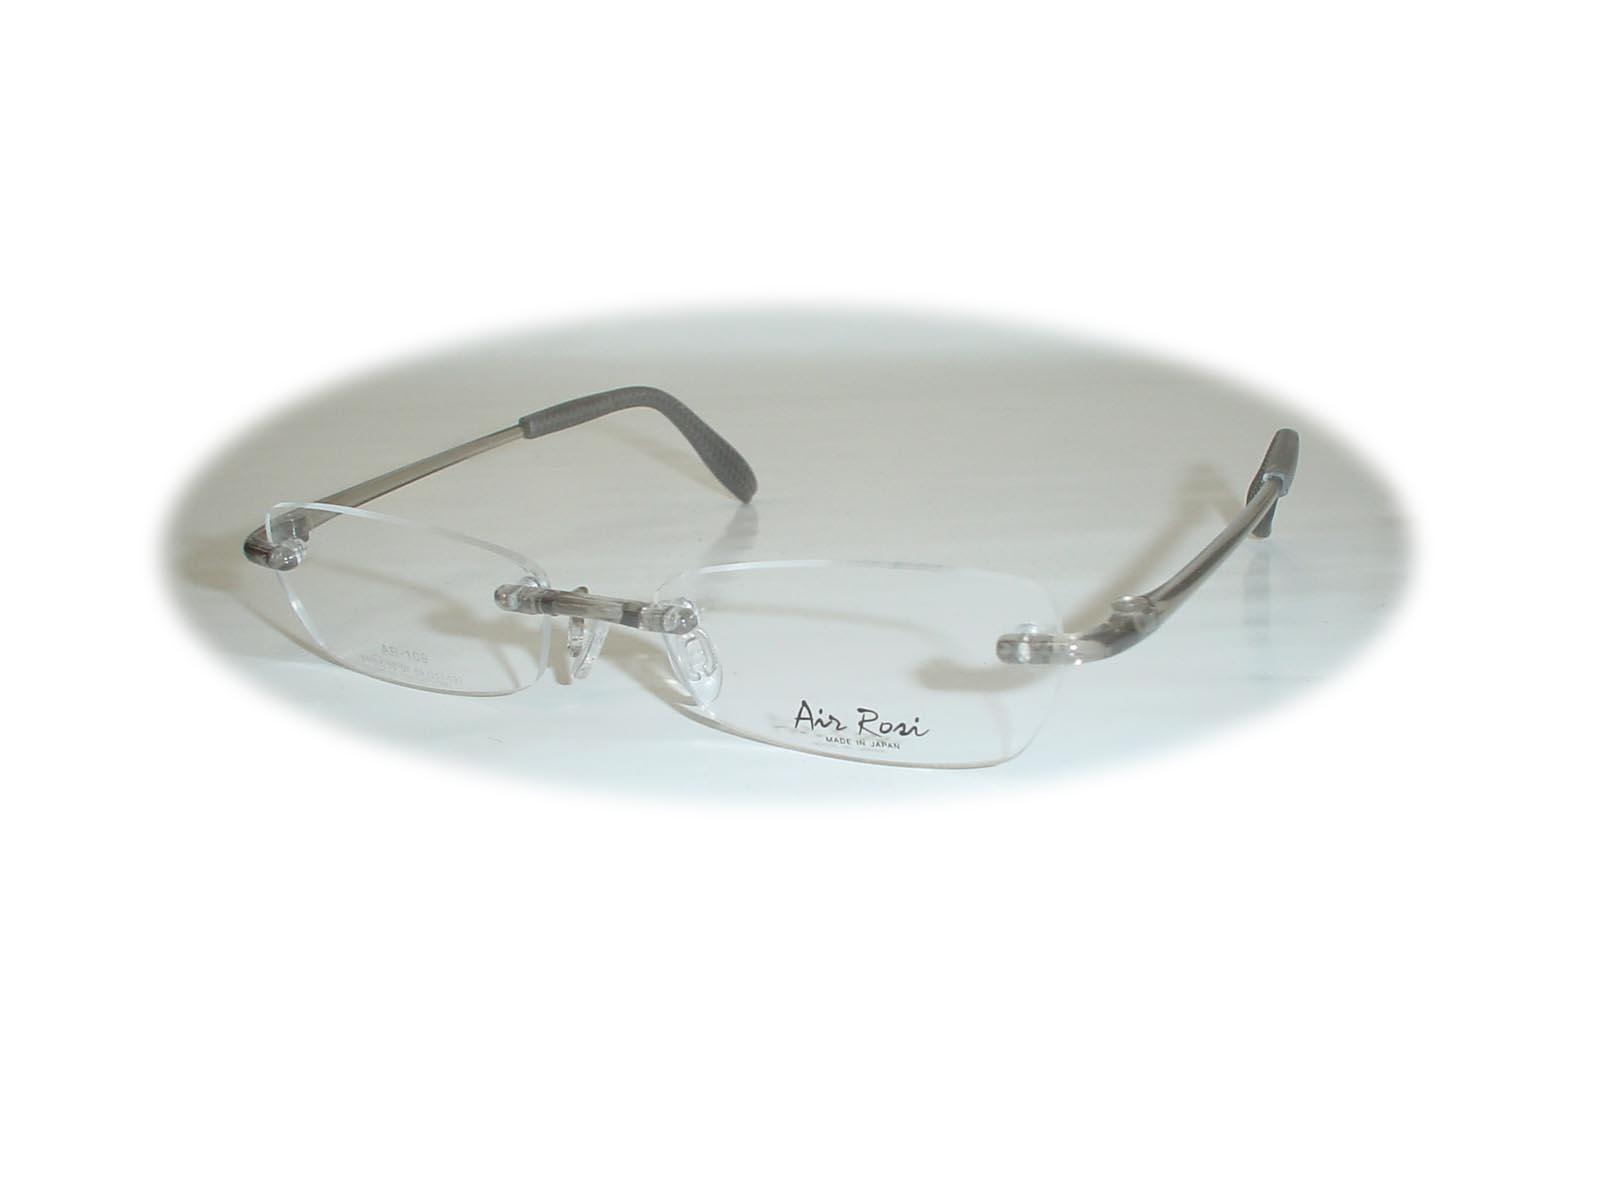 (超薄型非球面レンズ付き!)  Air Rosi(エアロジ) レンズ型AR109  53□17-137 カラー グレーグロス(艶有)